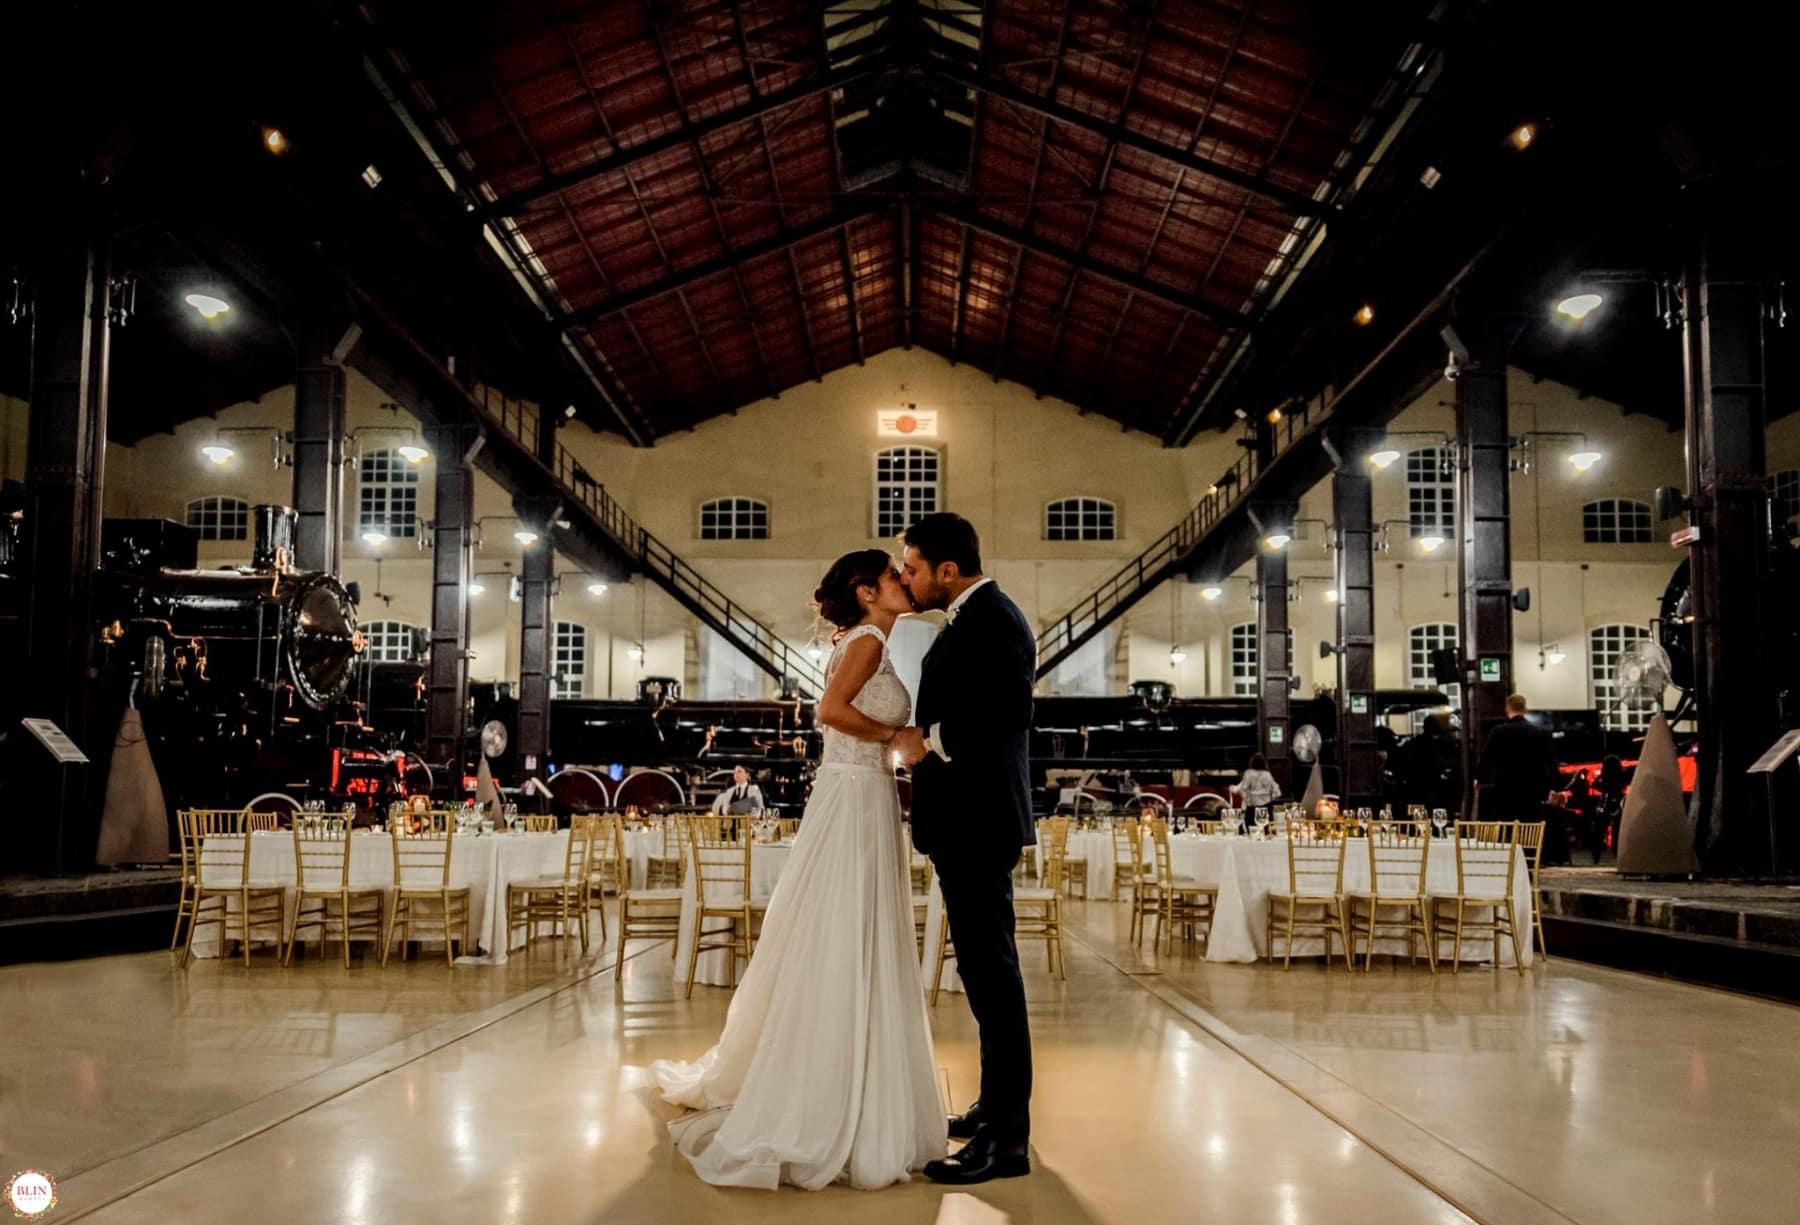 Matrimonio In Fotografia : Wedding post matrimonio al museo ferroviario di pietrarsa blin